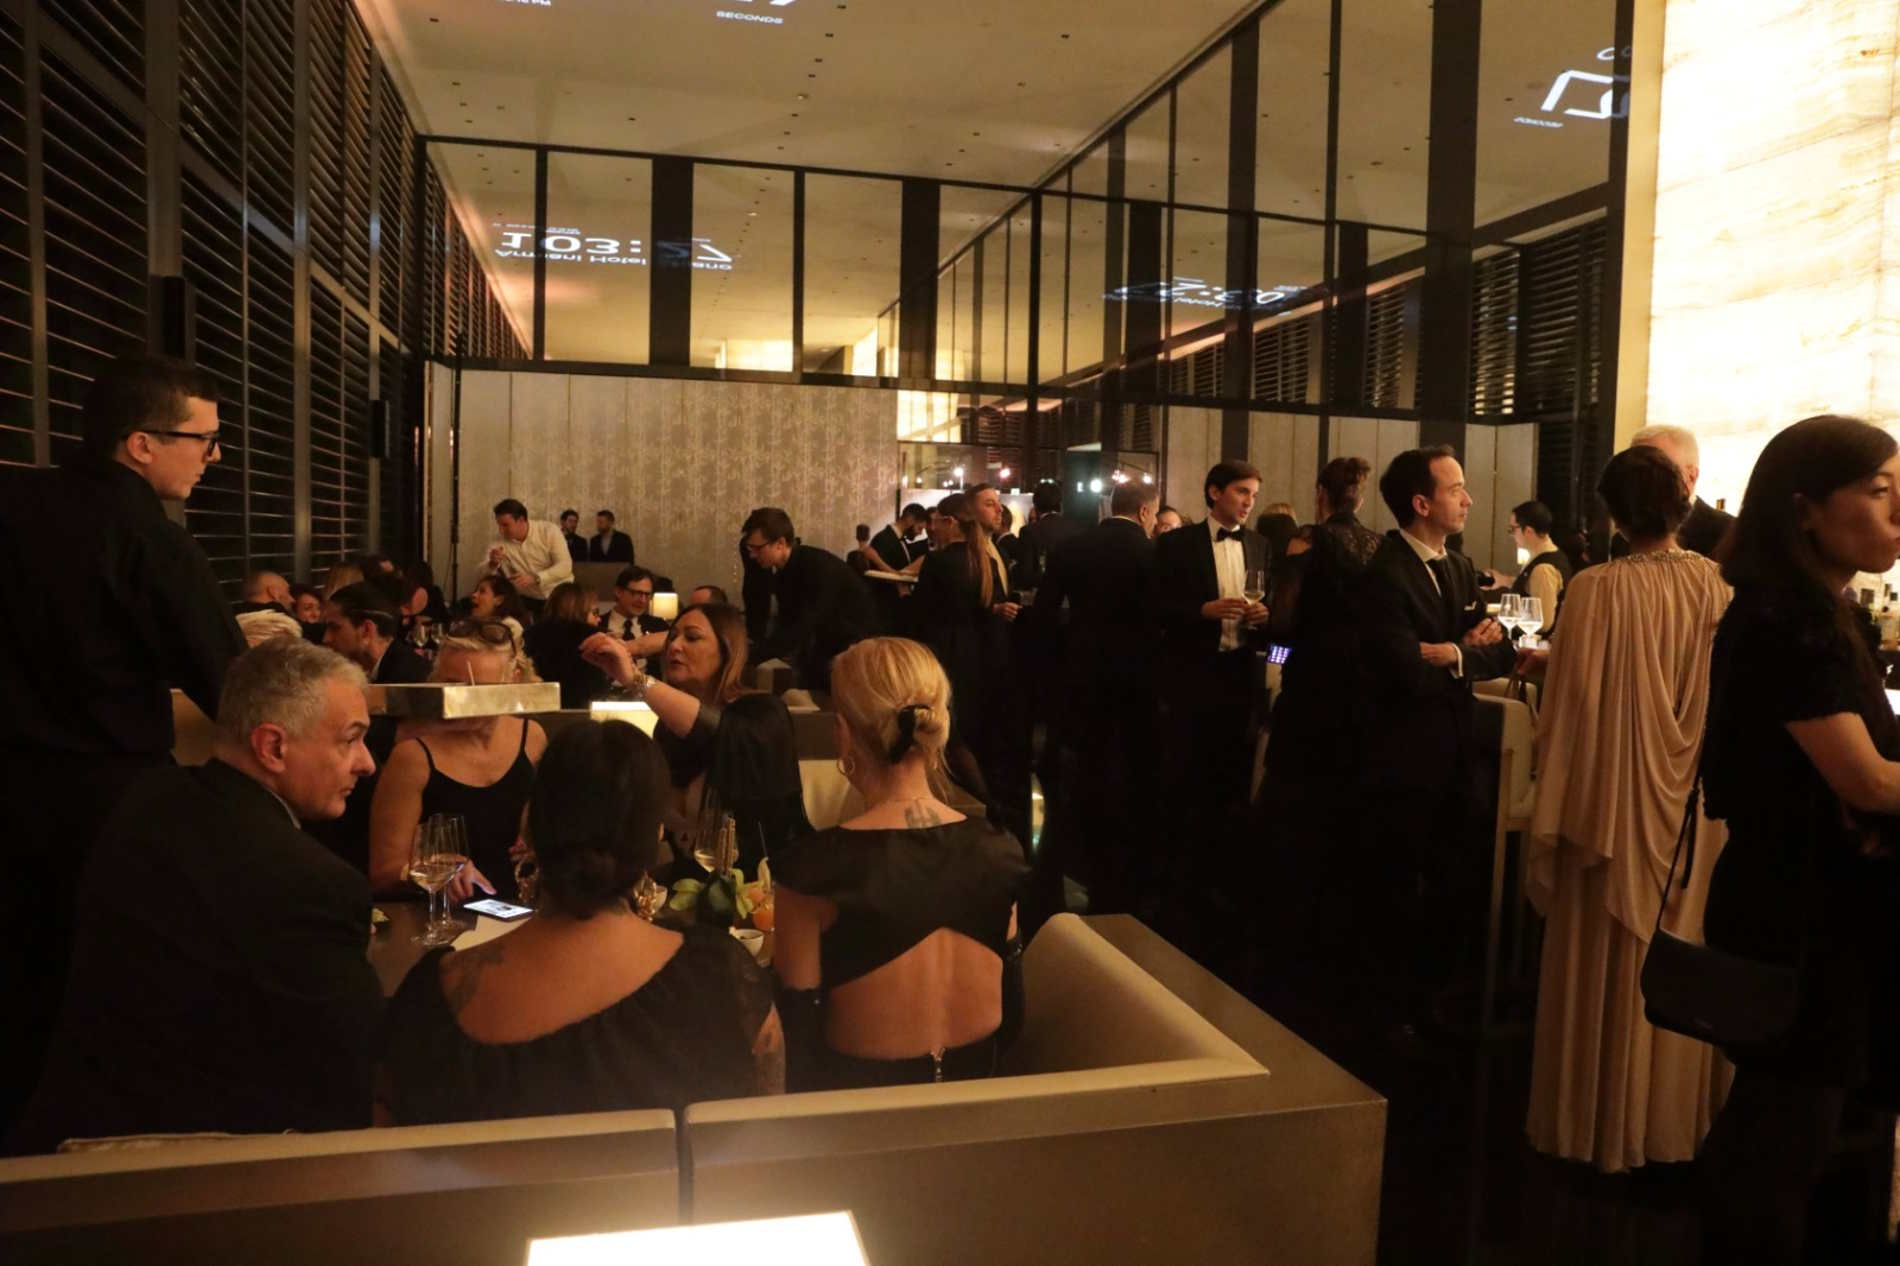 Nella Lounge dell'Armani Hotel a Milano per il Capodanno 2020